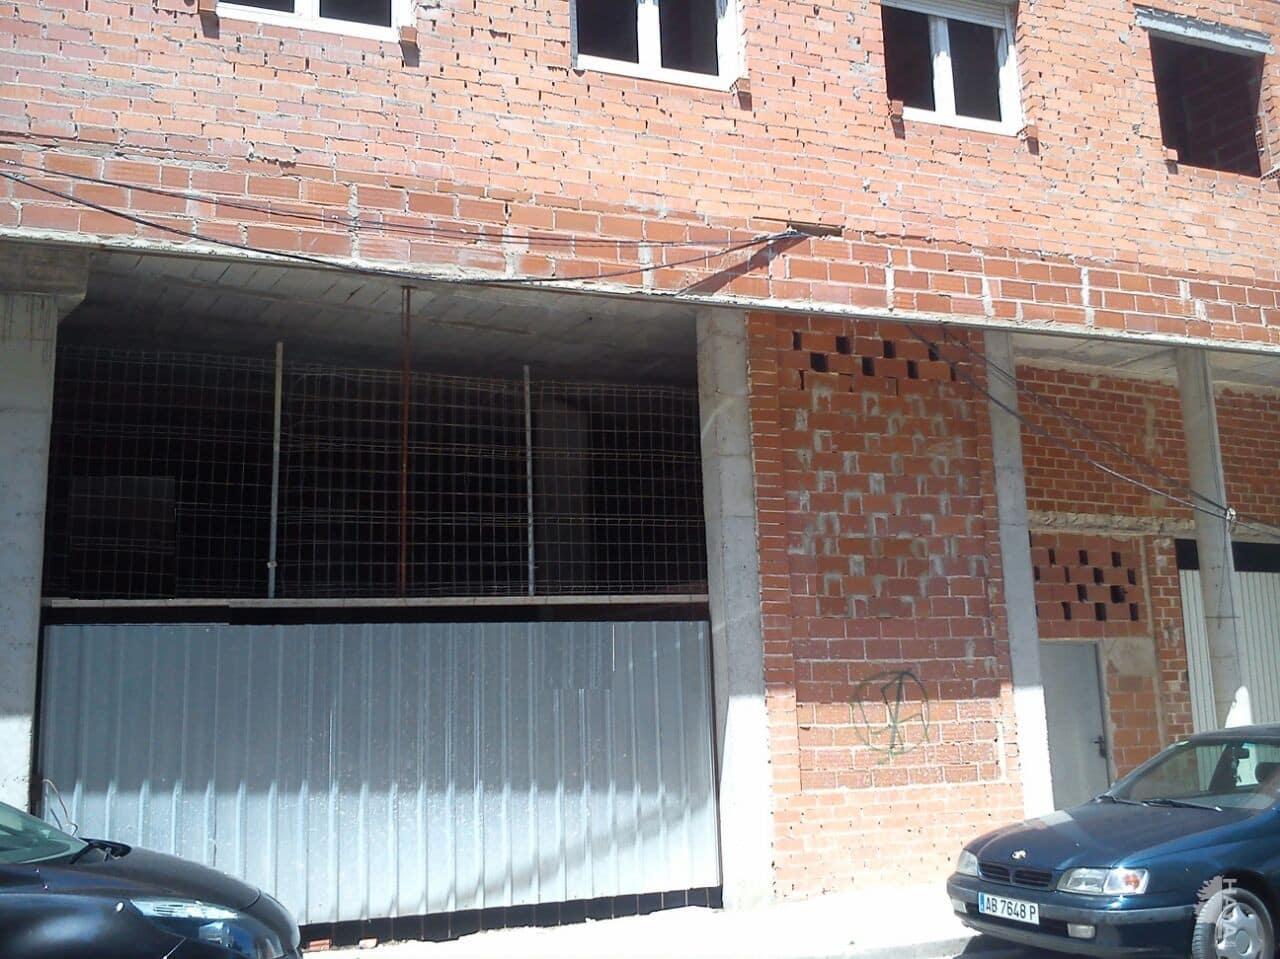 Piso en venta en La Roda, la Roda, Albacete, Calle Juan Garcia Glz, 48.200 €, 1 habitación, 1 baño, 135 m2